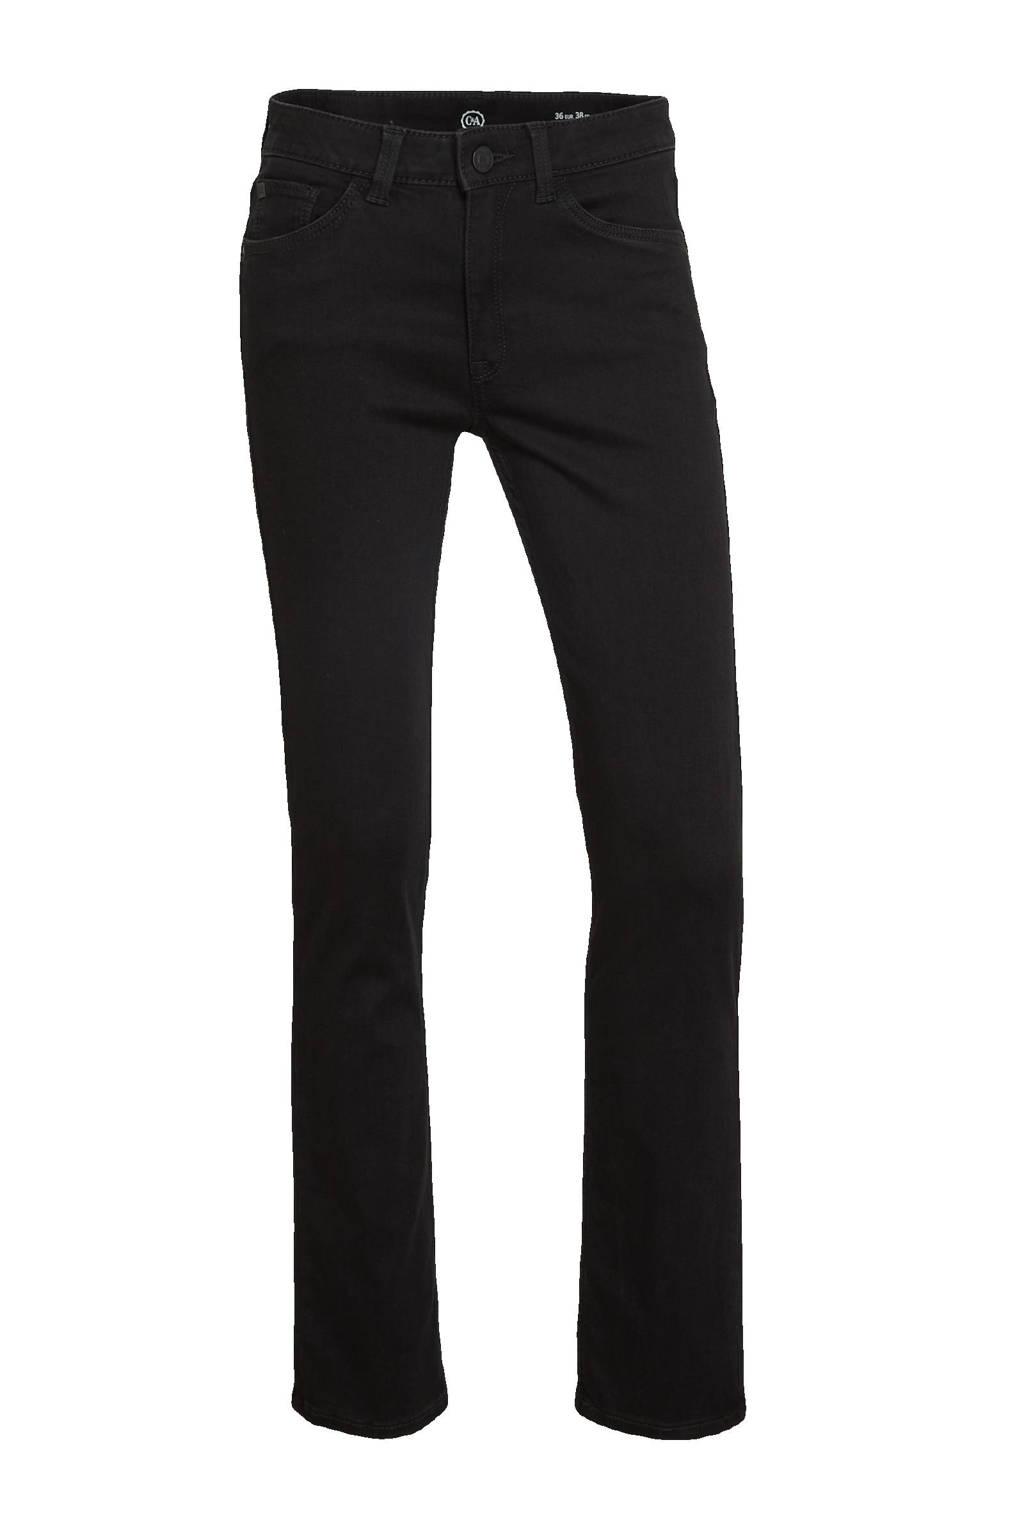 C&A The Denim straight fit jeans zwart, Zwart